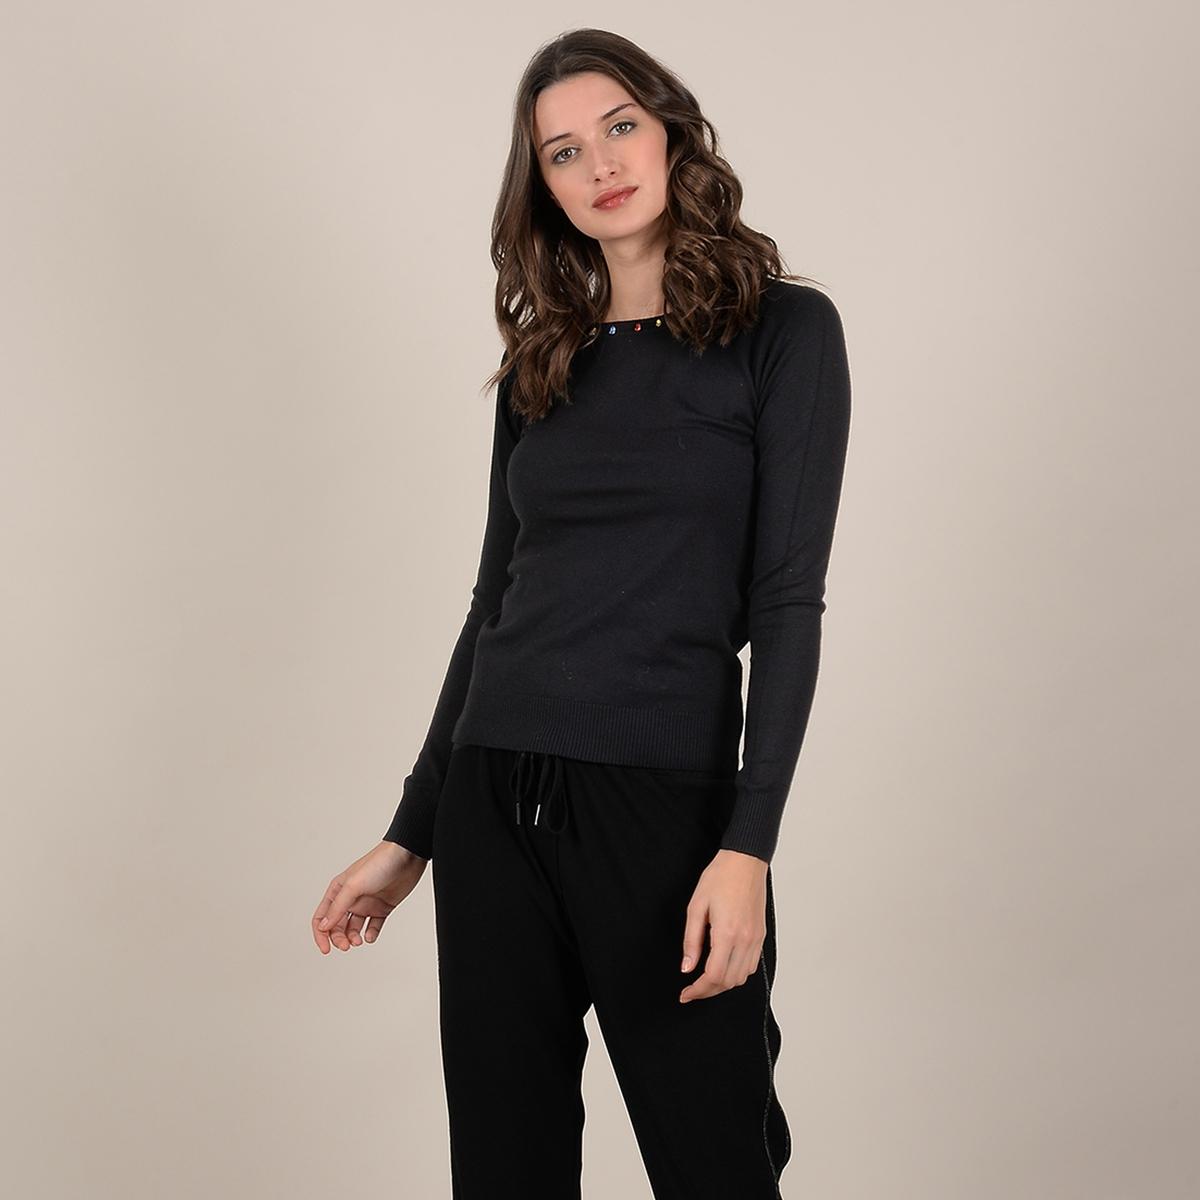 Пуловер La Redoute Из тонкого трикотажа с бусинами на вырезе M черный